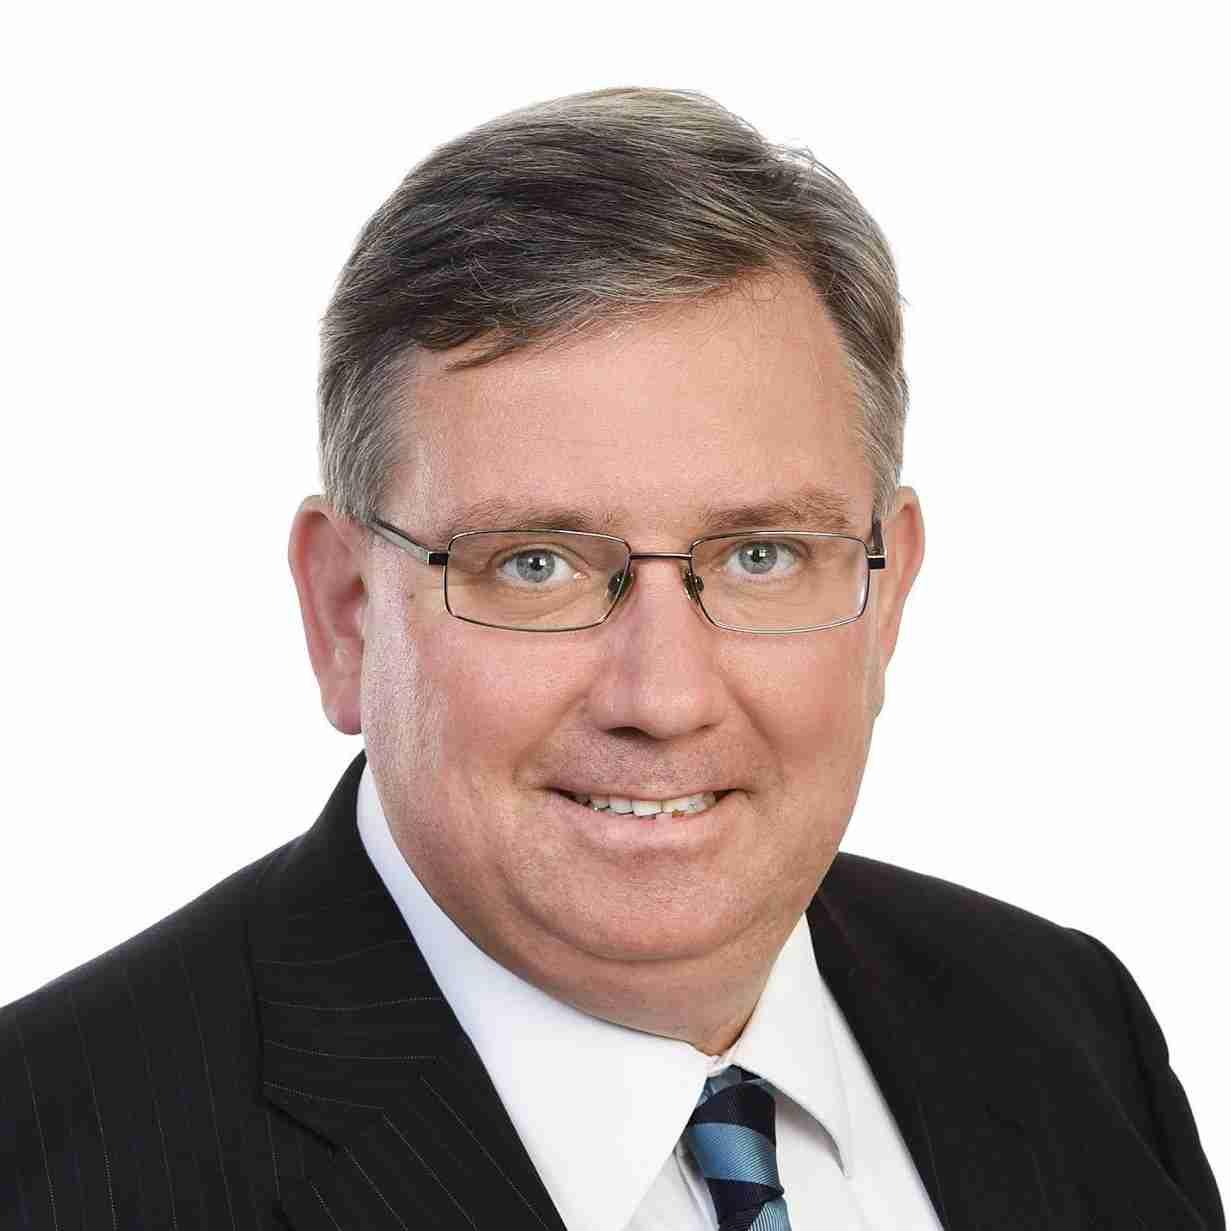 Simon J. Evenett